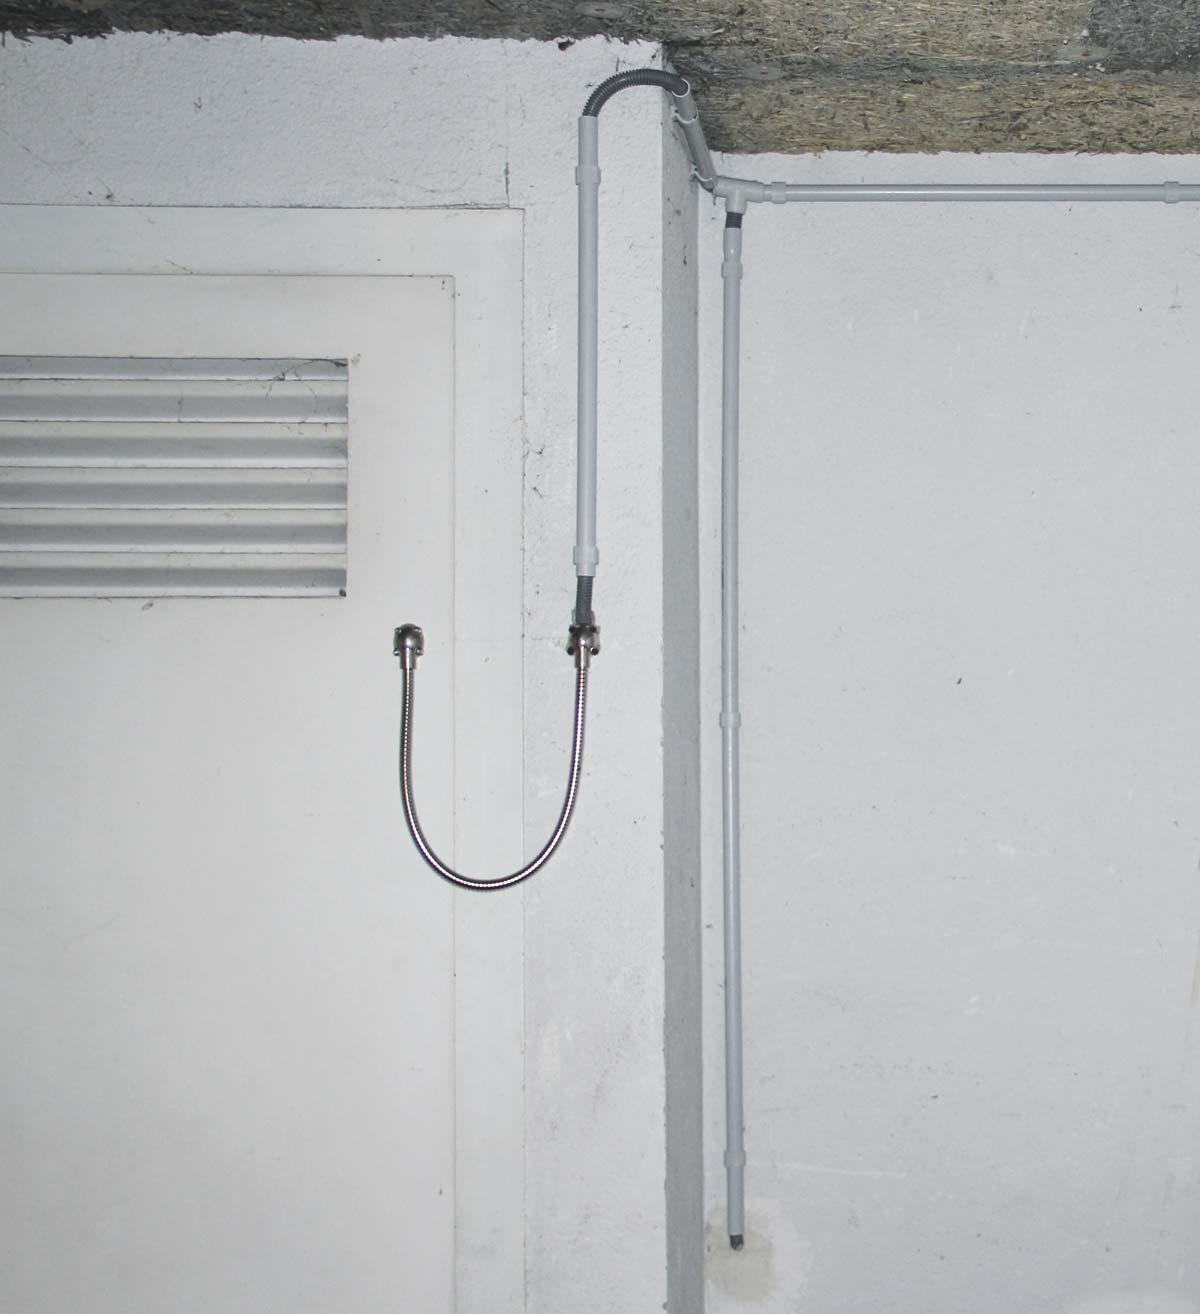 Dimelec installation électrique contrôle accès vigik local poubelle gaines électriques Bordeaux